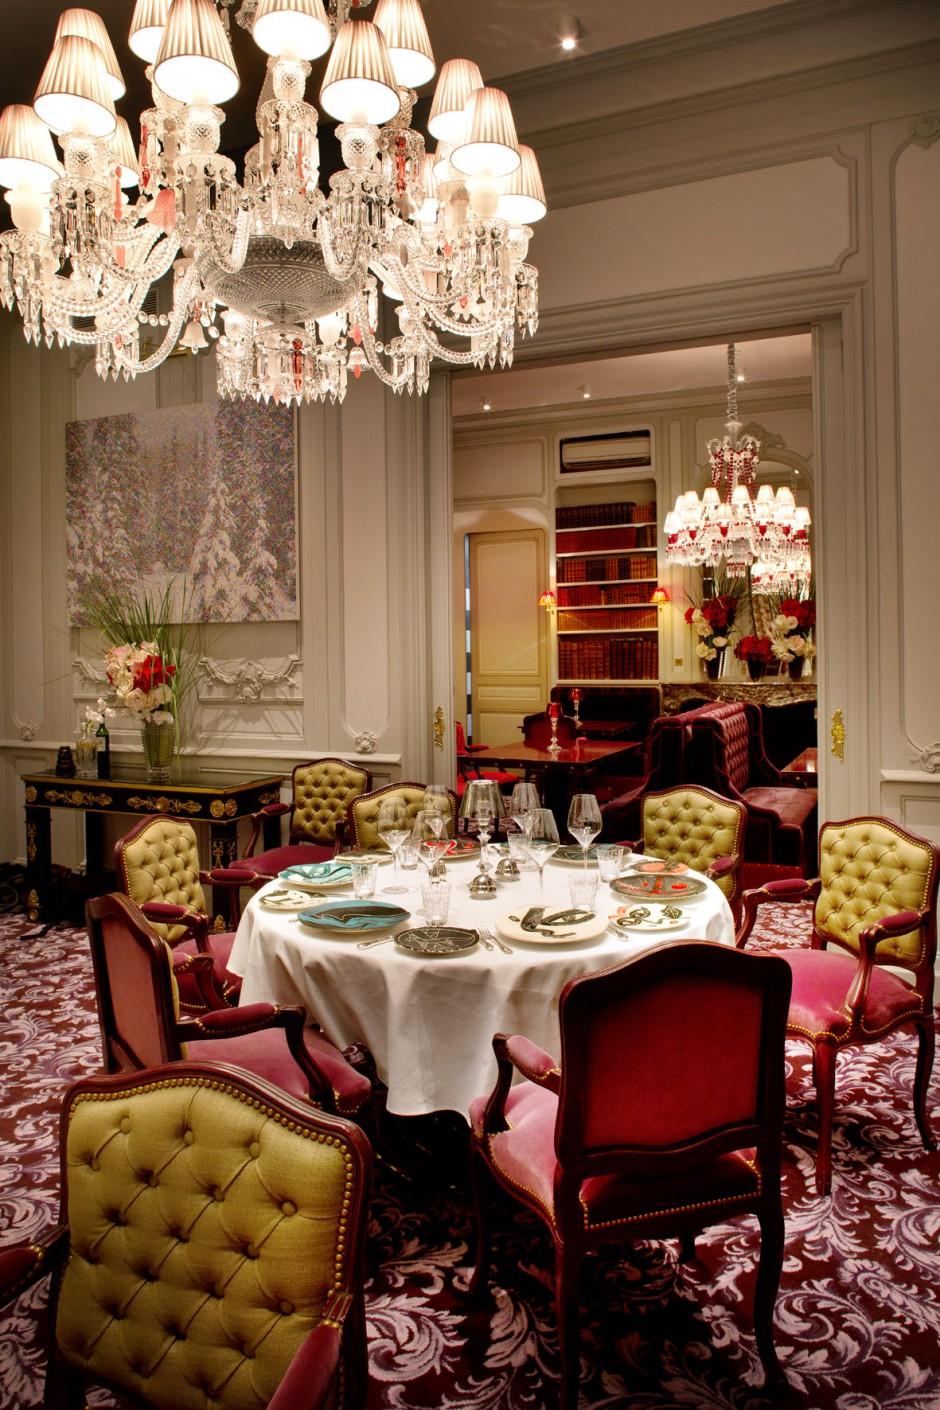 Côté décoration, dans les deux salons du restaurant gastronomique, l'interprétation du style Napoléon III, s'inscrit dans l'élégance : boiseries et moulures grises, lustres Baccarat. Un écrin raffiné et une mise en scène chaleureuse pour magnifier déjeuners et dîners : arts de la table choisis chez Christofle, verres et carafes Baccarat et ultime clin d'œil à l'art, avec les assiettes de présentation et à pains en céramique, spécialement conçues par l'artiste Erik Ifergan, provenant de l'atelier qui abritait le four de Picasso à Vallauris.